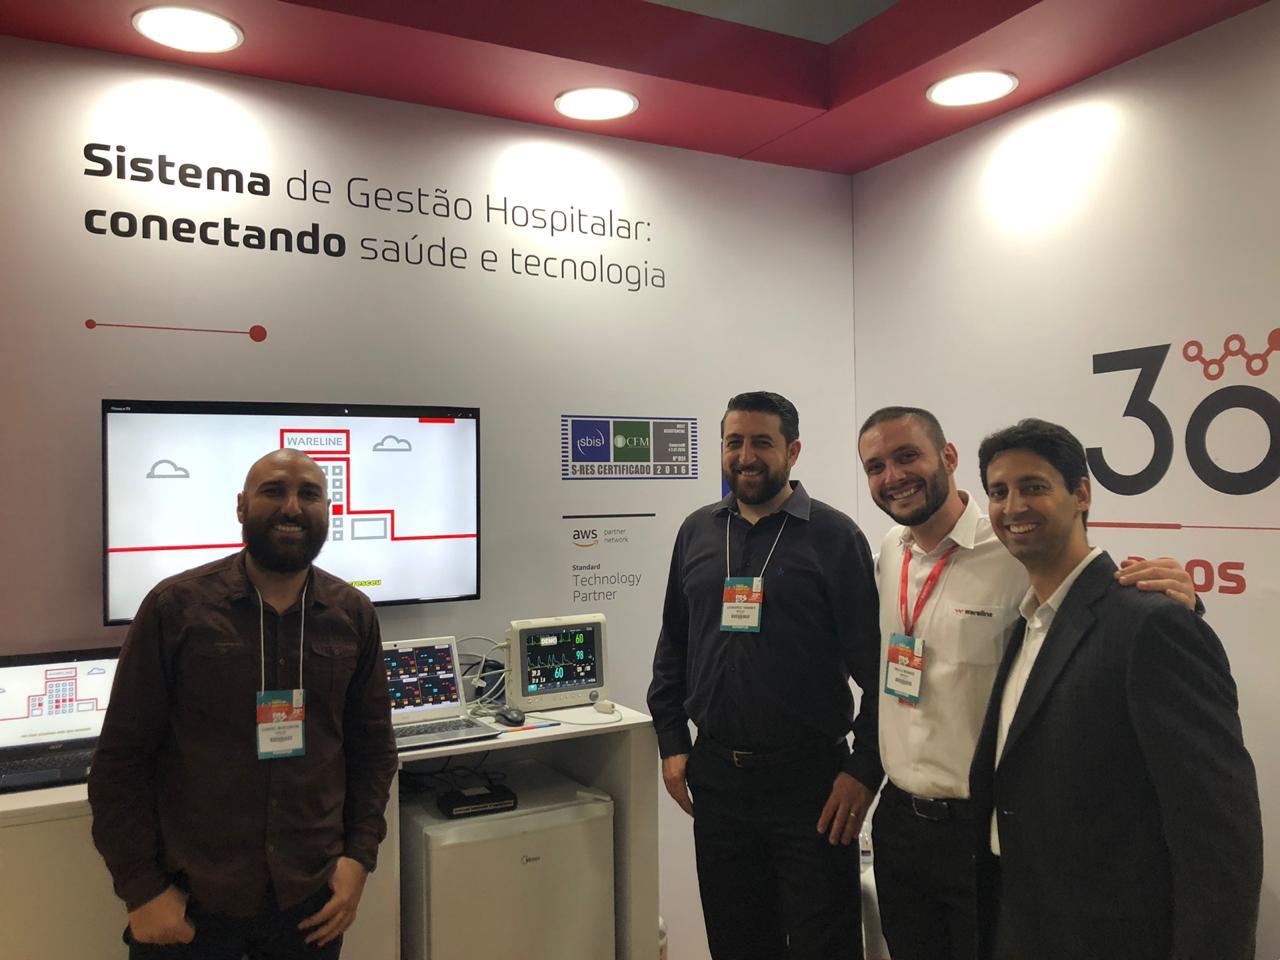 Inovação: APP e IoT são destaques das soluções da Wareline em Congresso da Fehosp